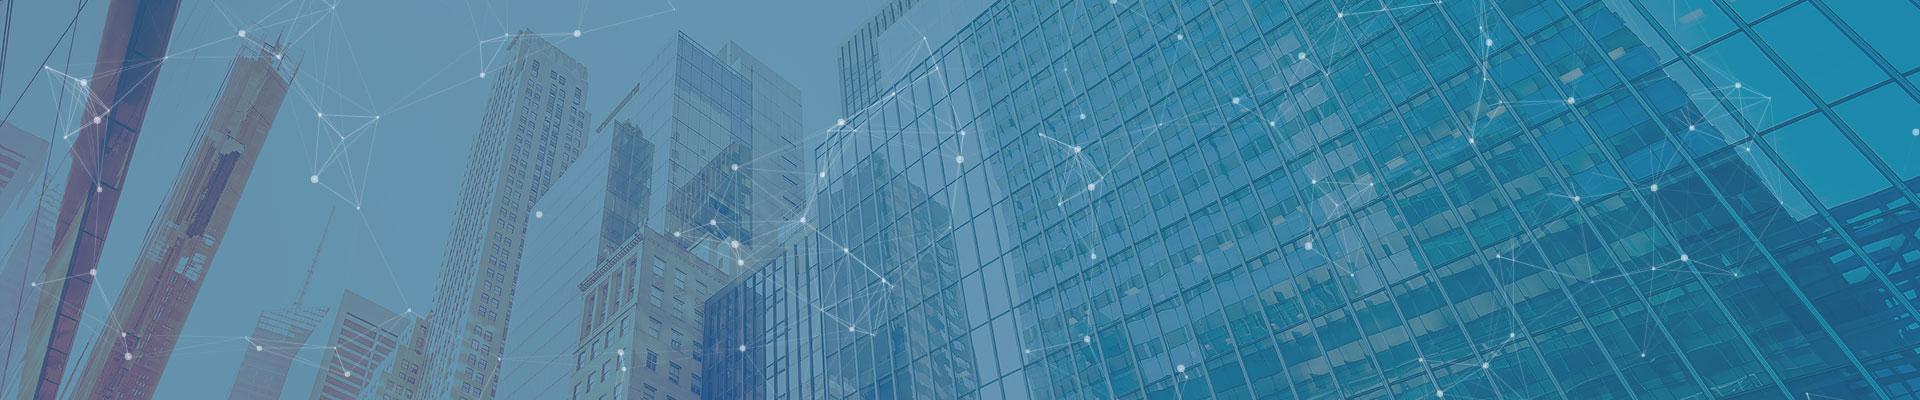 Fintech services Infopulse banner